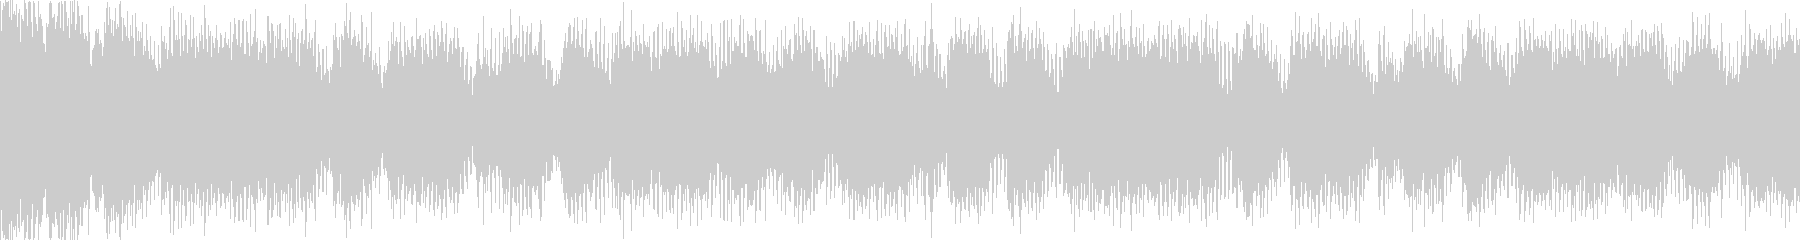 【ループC】ヘヴィーで攻撃的エレキギターの未再生の波形